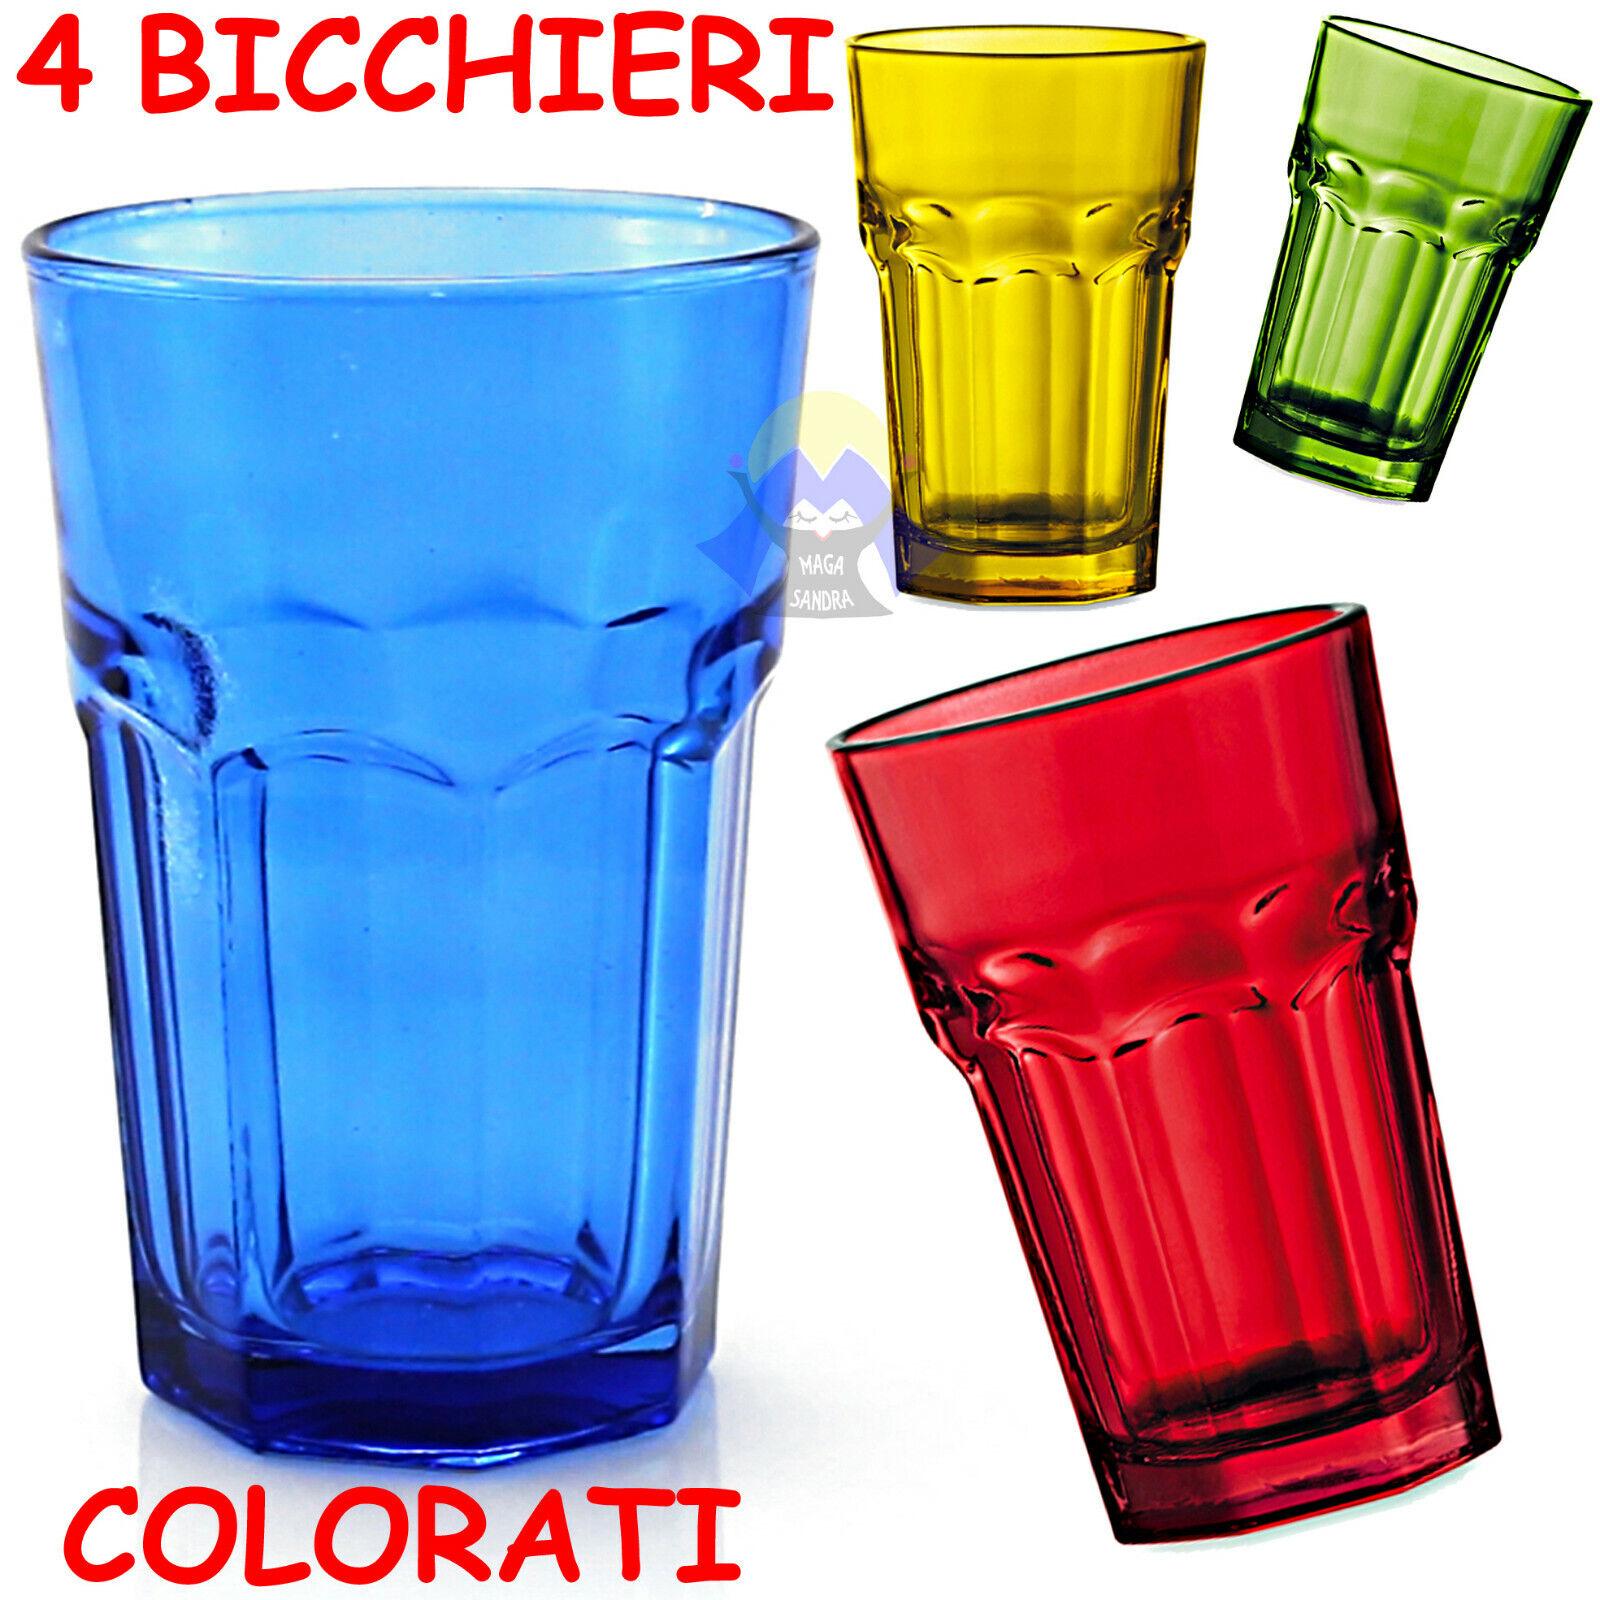 Set 4 BICCHIERI di VETRO Colorati BAR per COCKTAIL Mojito LONG Soft DRINK Vino